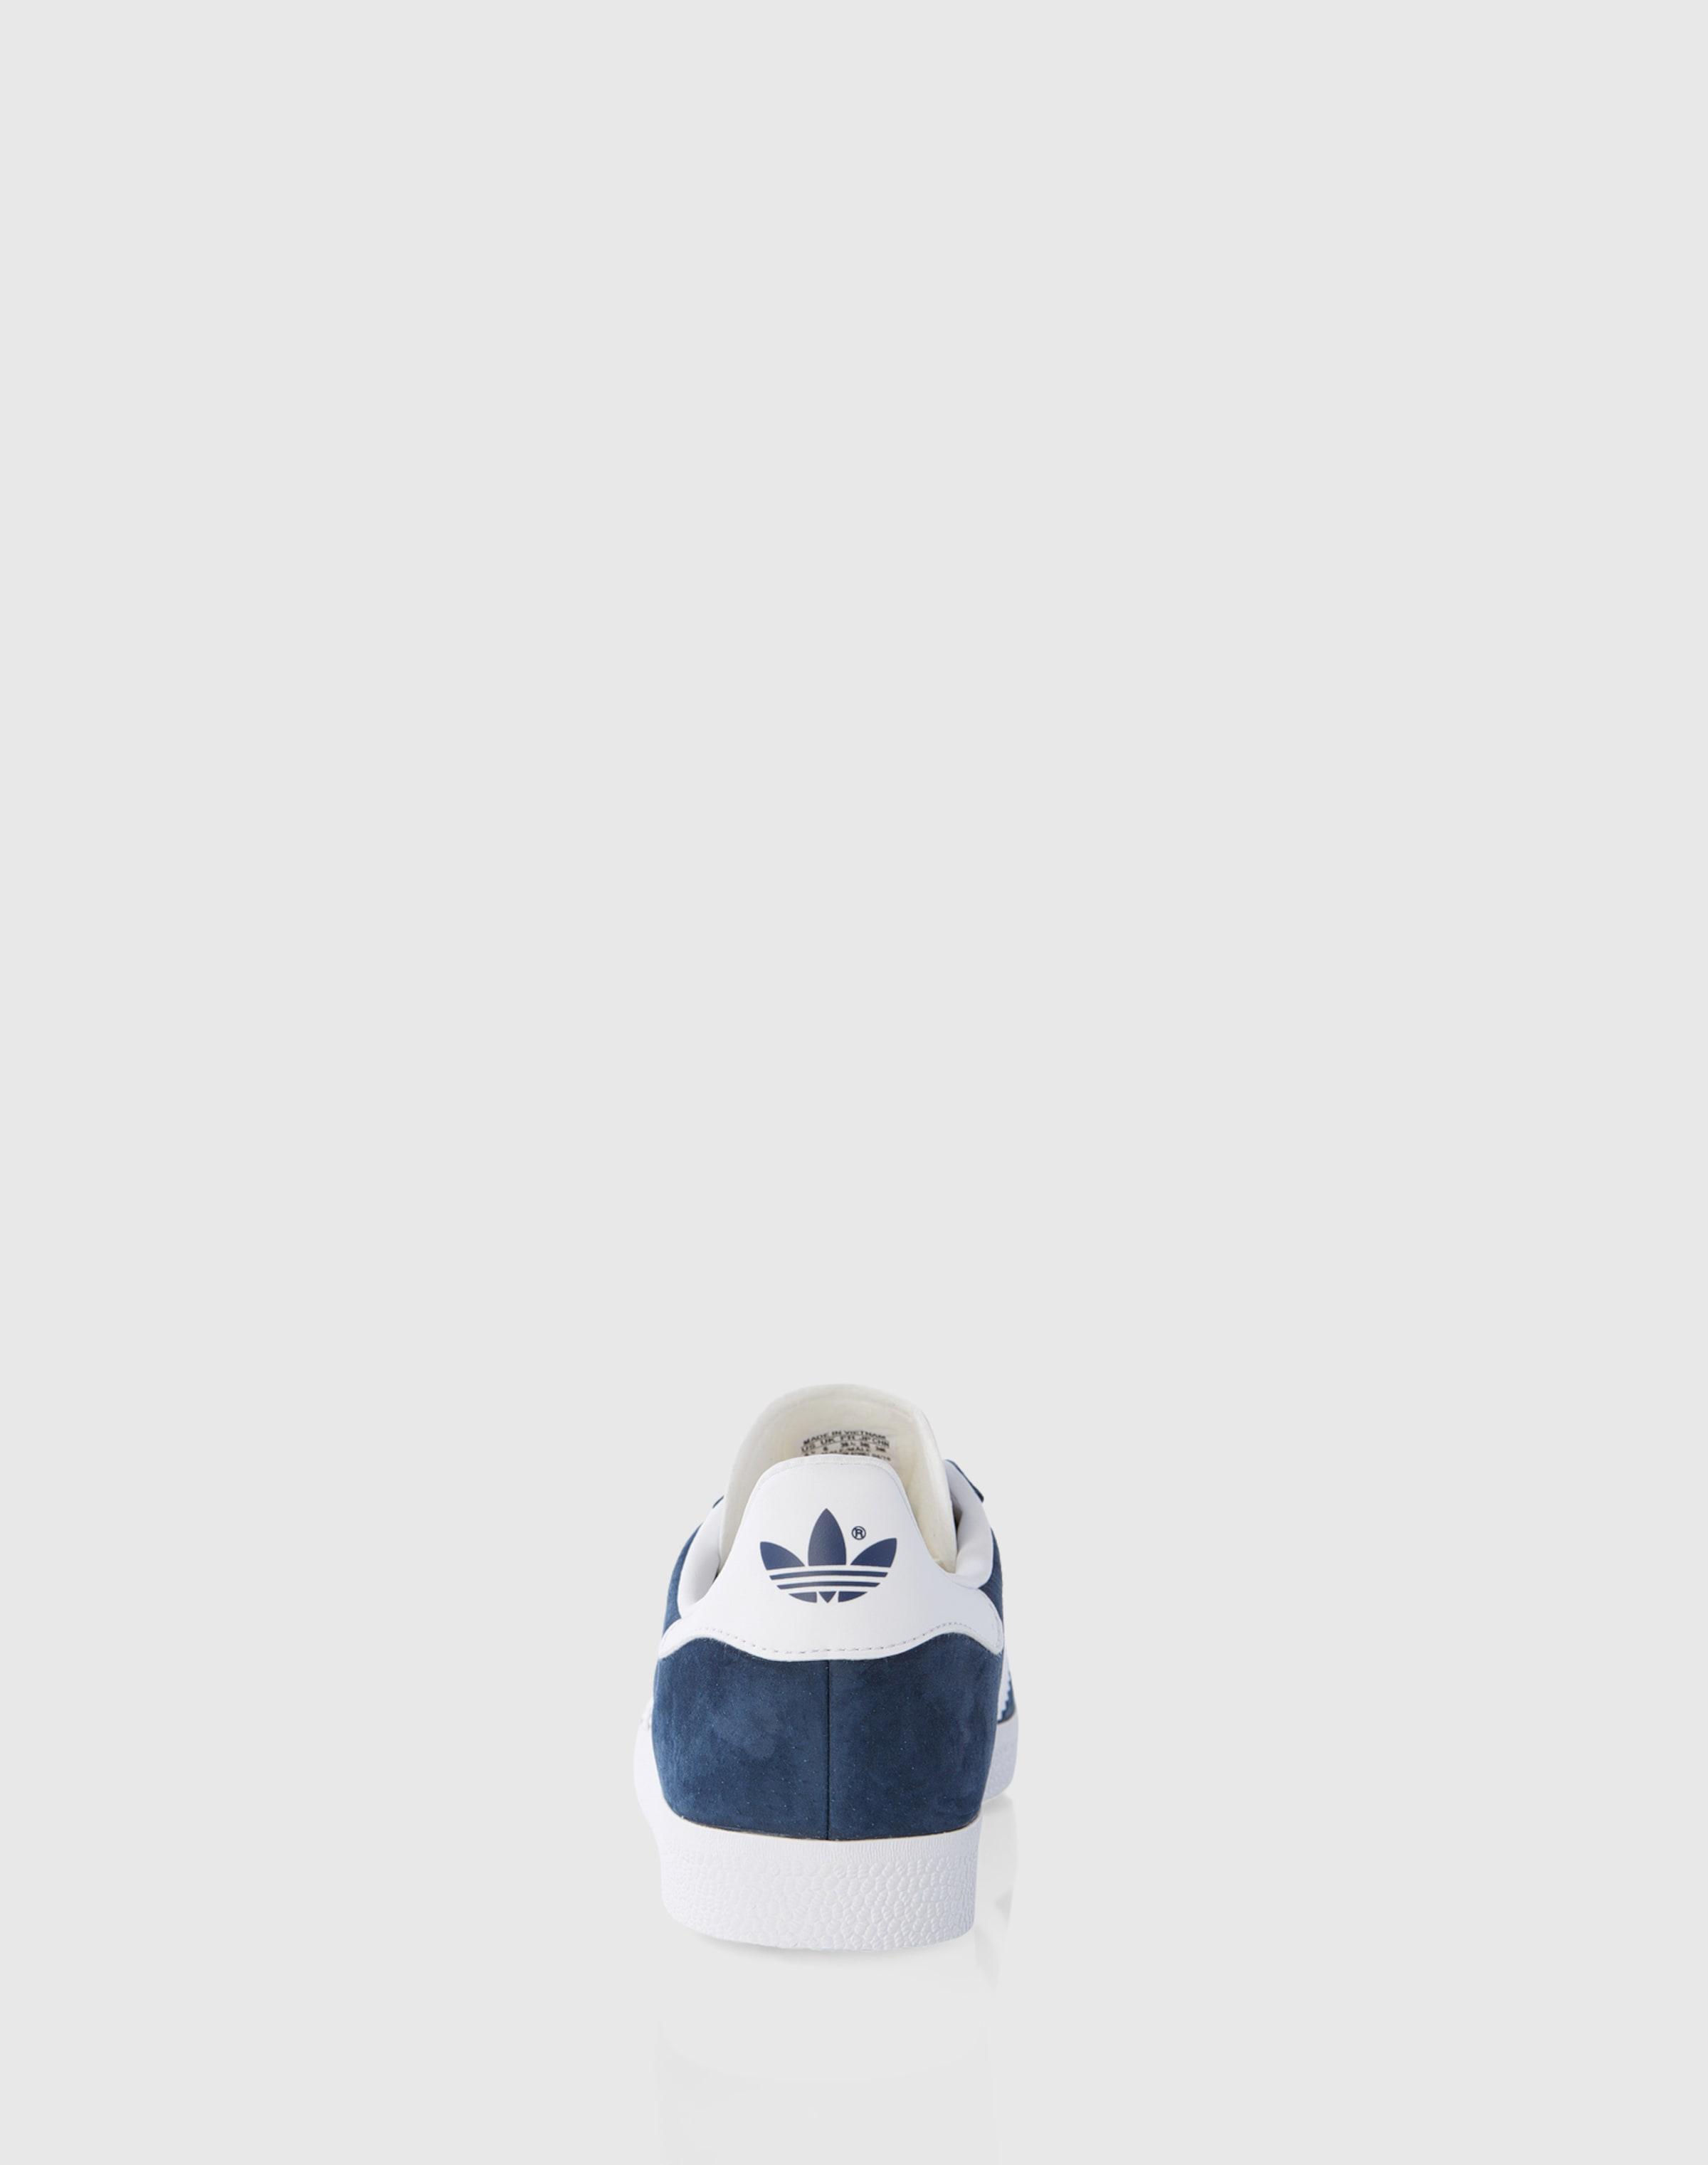 ADIDAS ORIGINALS Sneaker 'Gazelle' Günstig Kauft Heißen Verkauf 6OqQ8